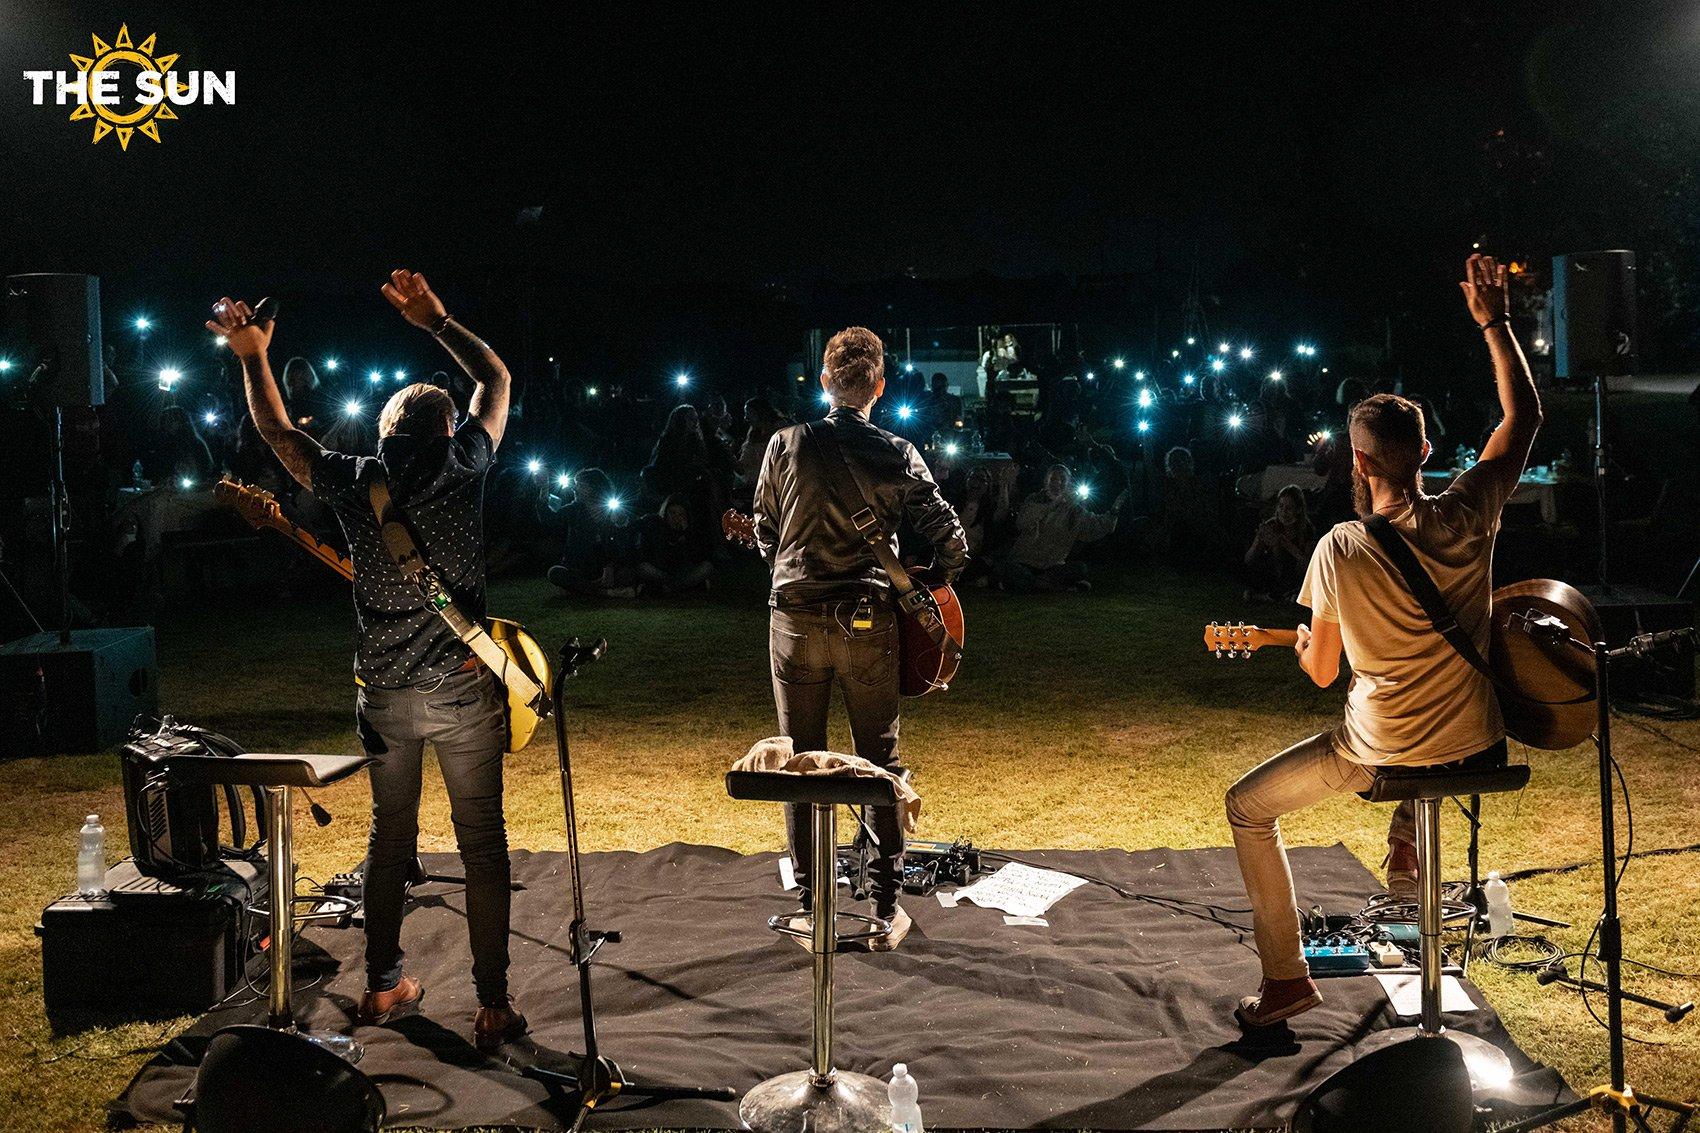 the sun rock band live cesenatico